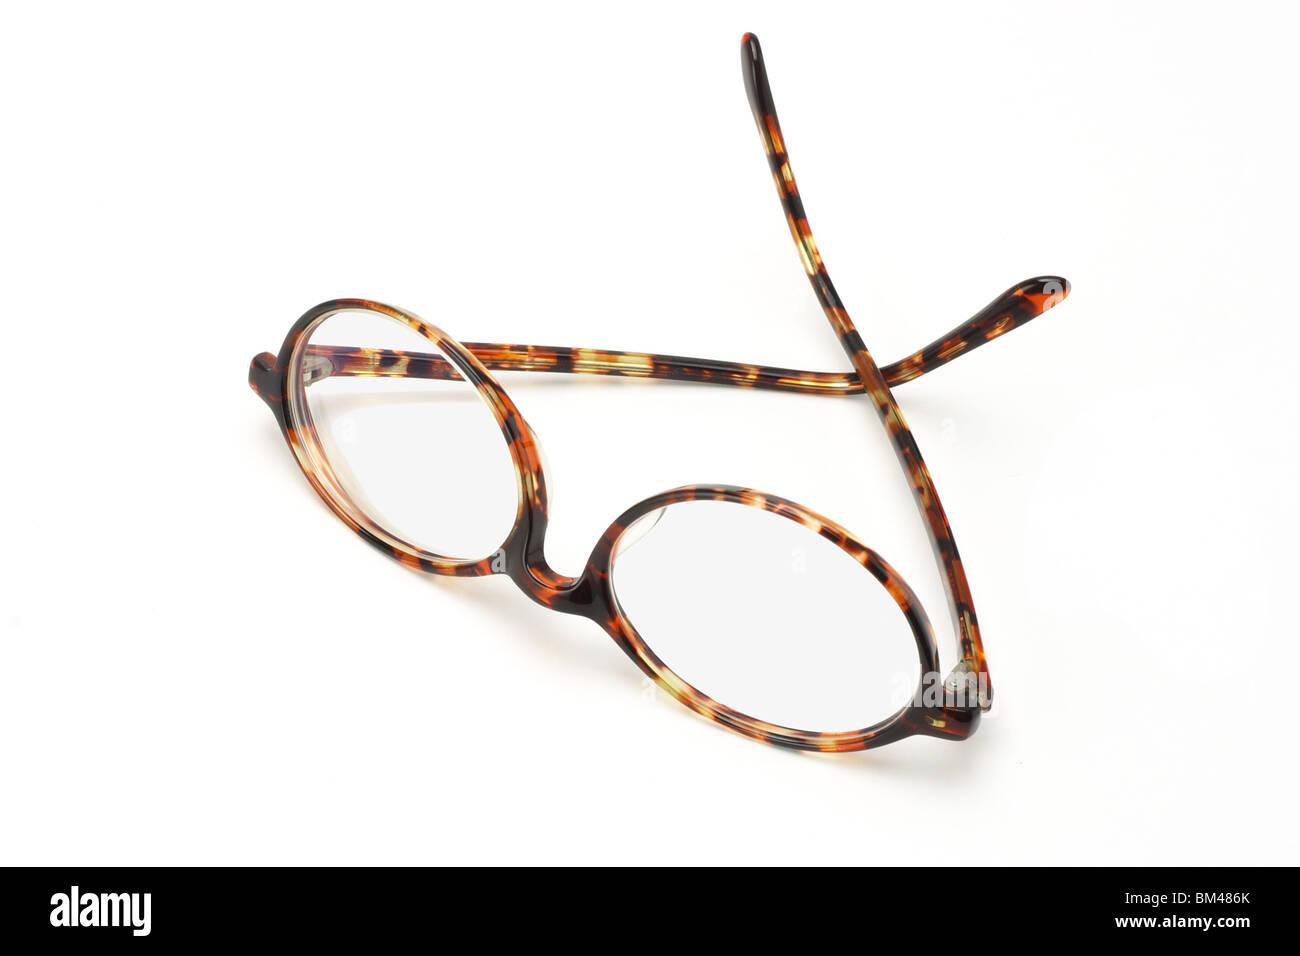 Alte Kunststoff-Rahmen-Brille auf weißem Hintergrund Stockfoto, Bild ...